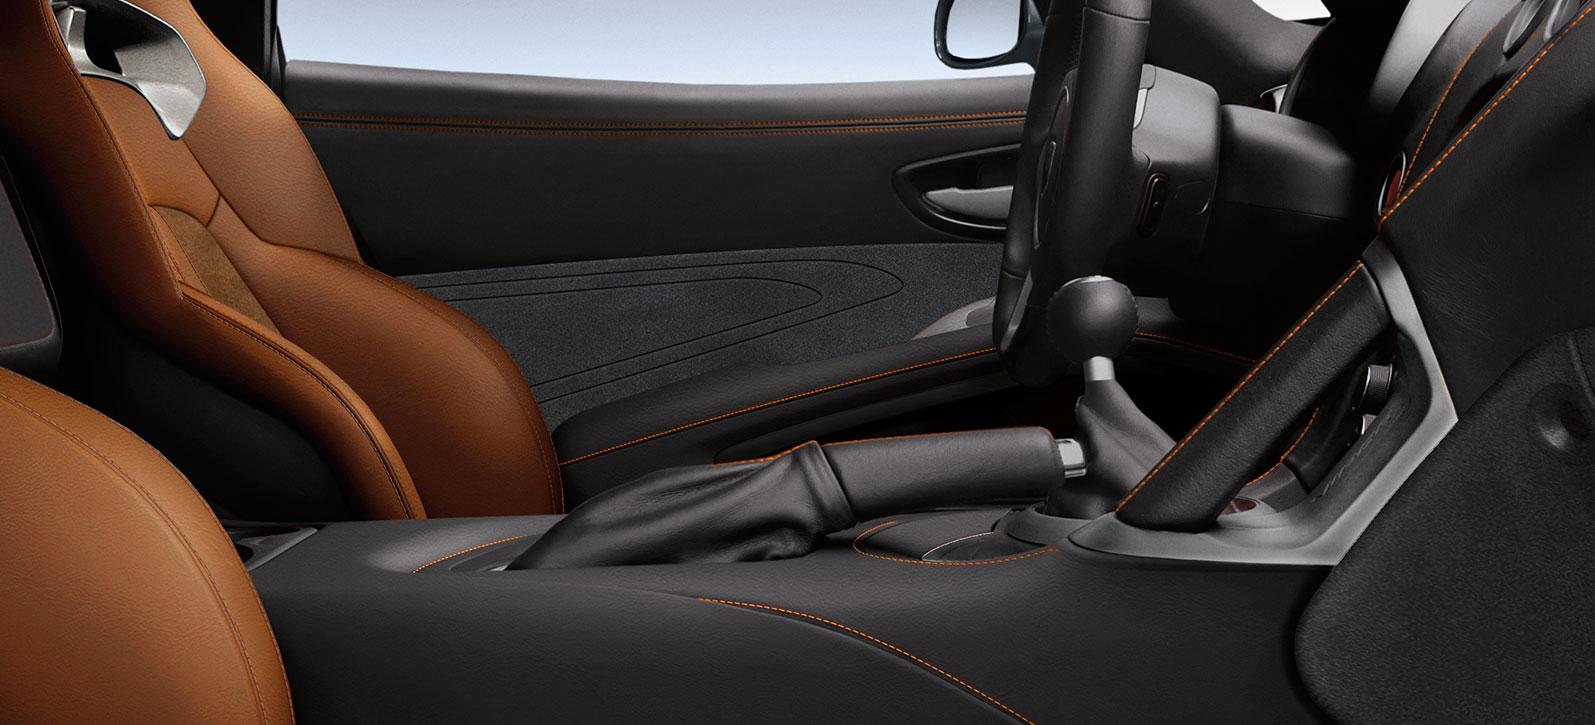 New Dodge Viper Interior image 1